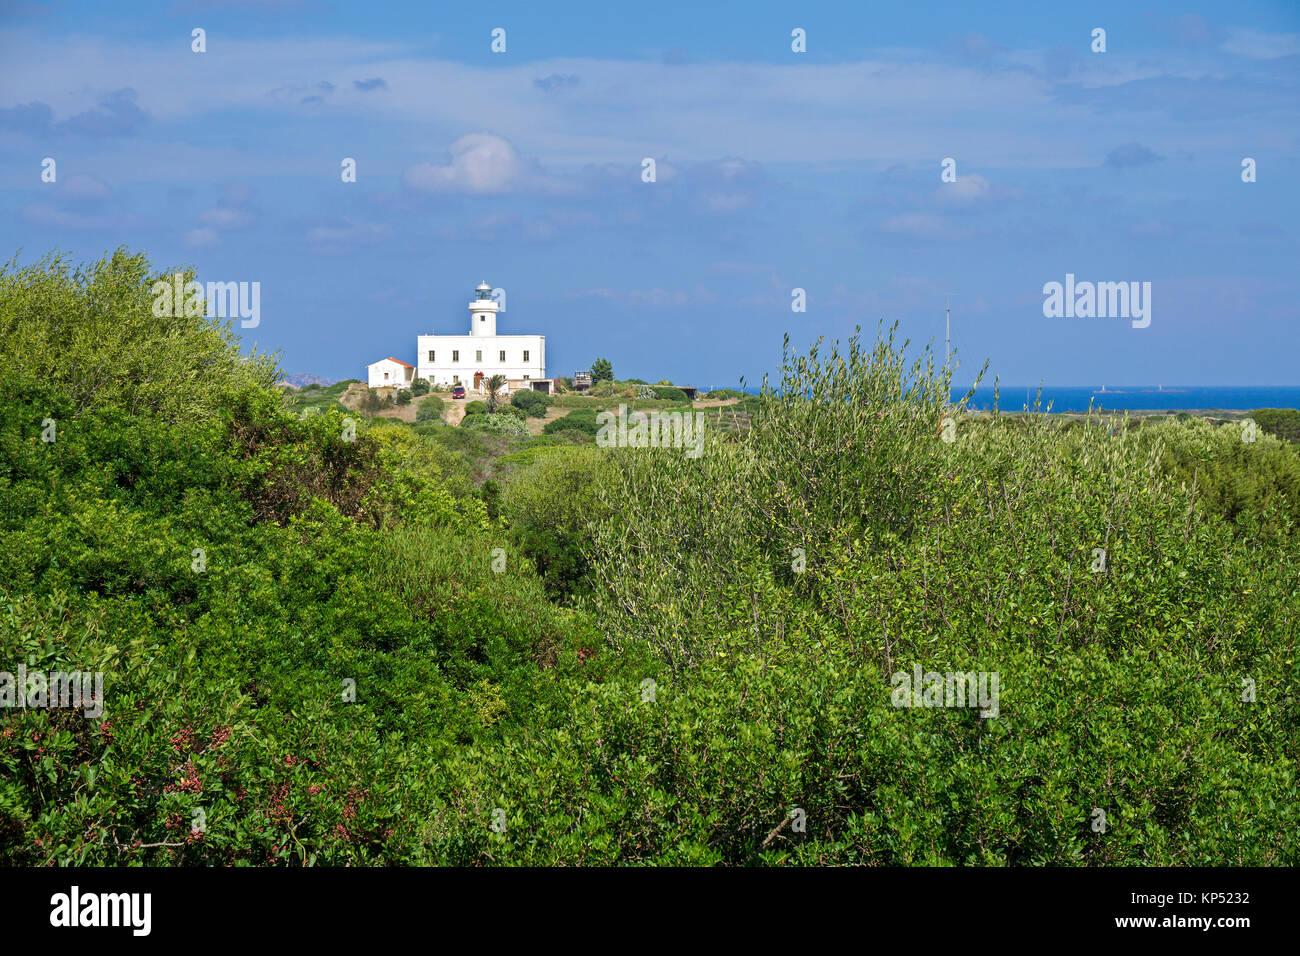 Lighthouse at Capo Ferro, Costa Smeralda, Sardinia, Italy, Mediterranean sea, Europe Stock Photo